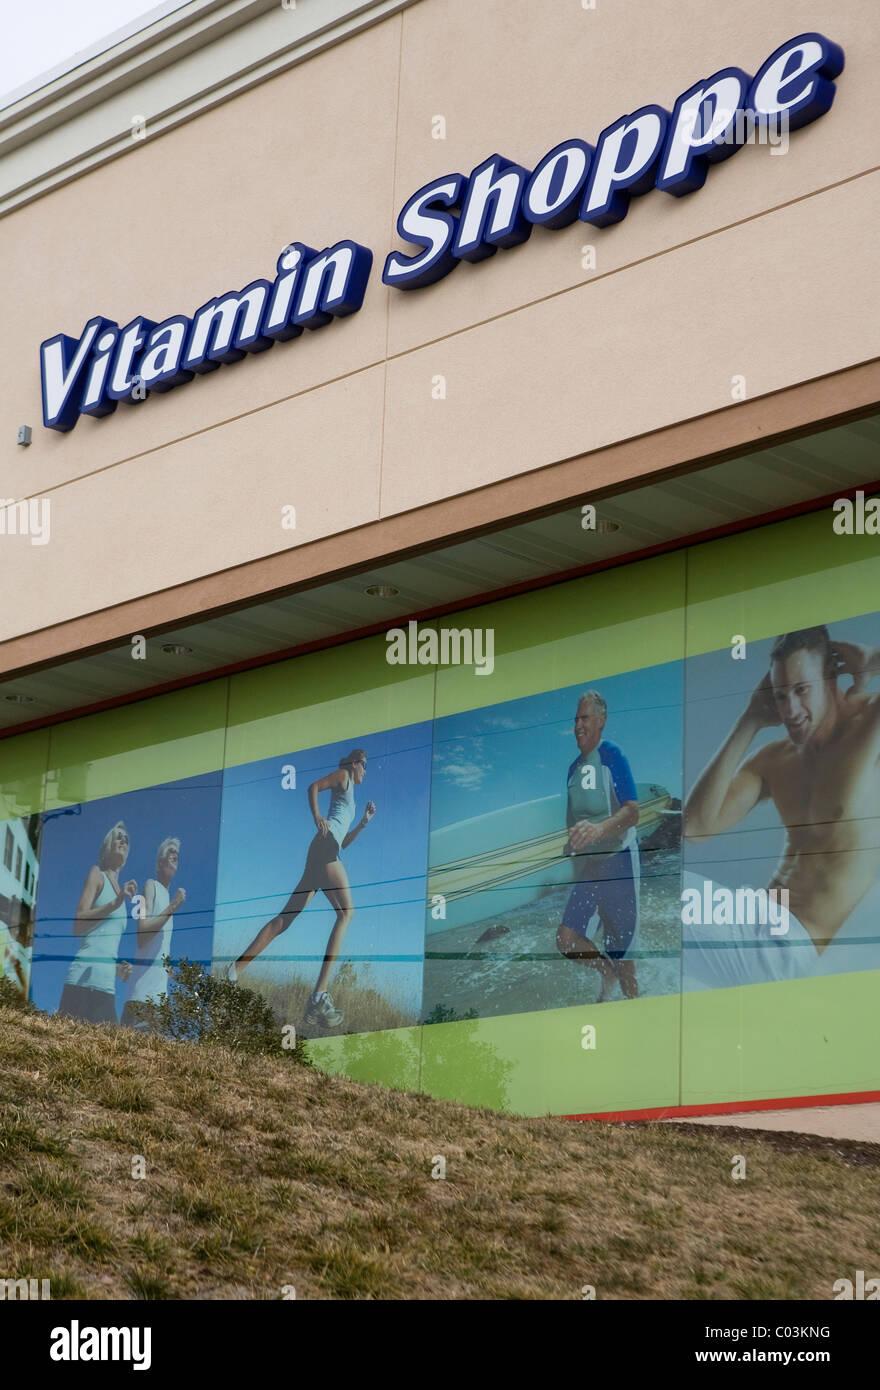 Una vitamina Shoppe store. Immagini Stock